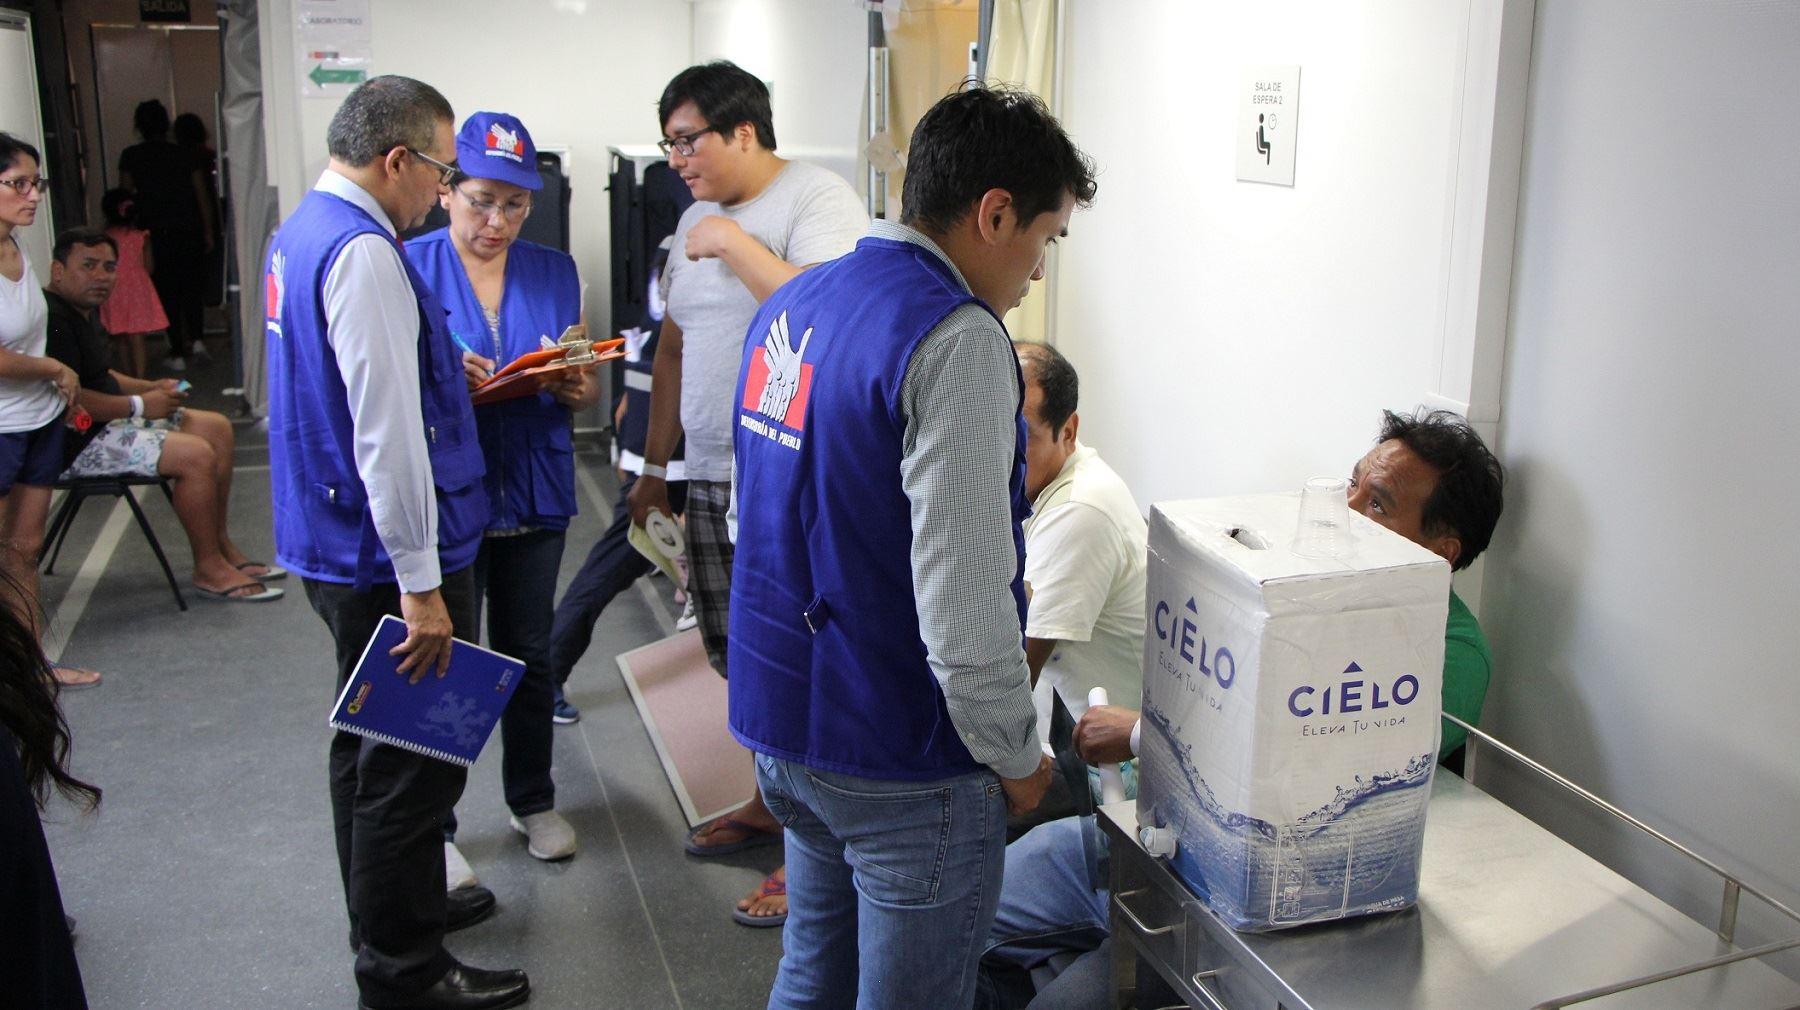 Defensoría del Pueblo inspecciona servicios de emergencia de hospitales de Lima y Callao